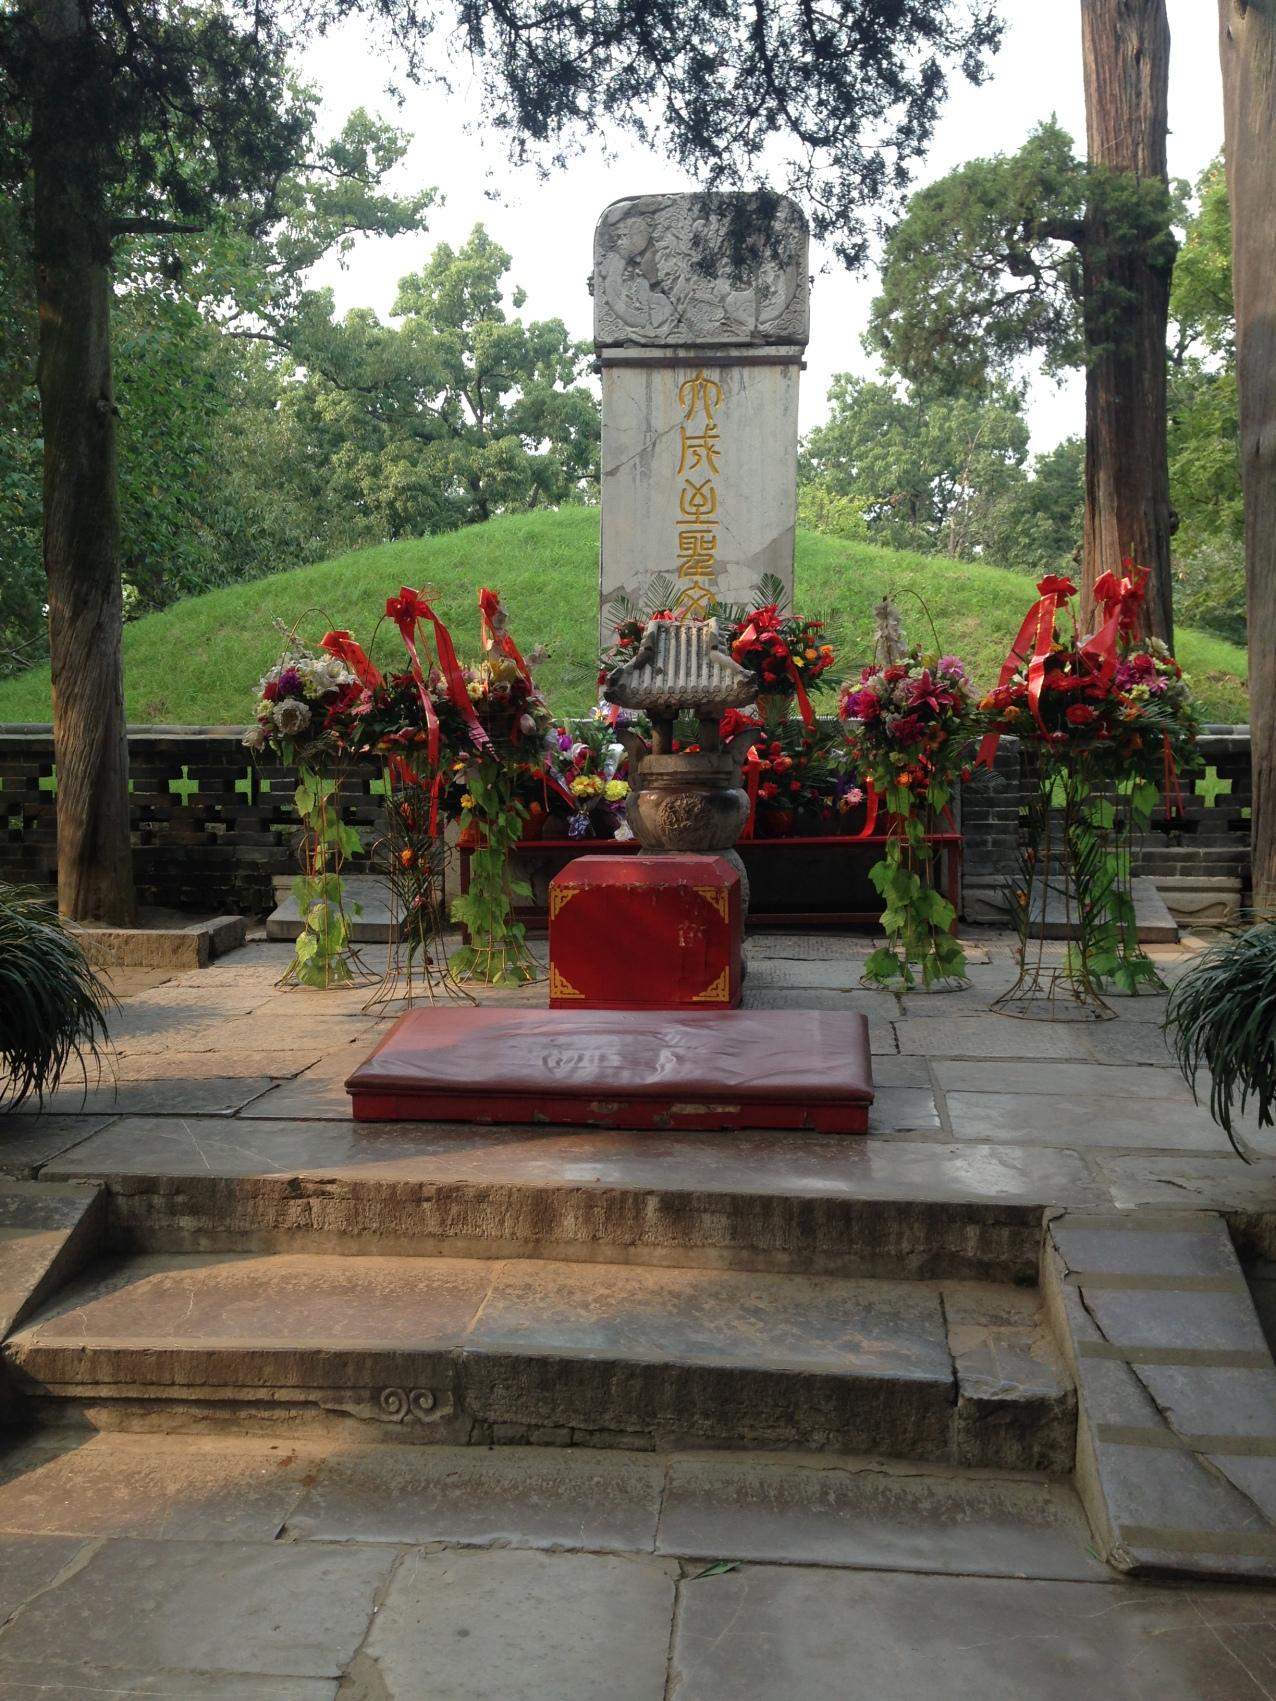 Confucius' tomb